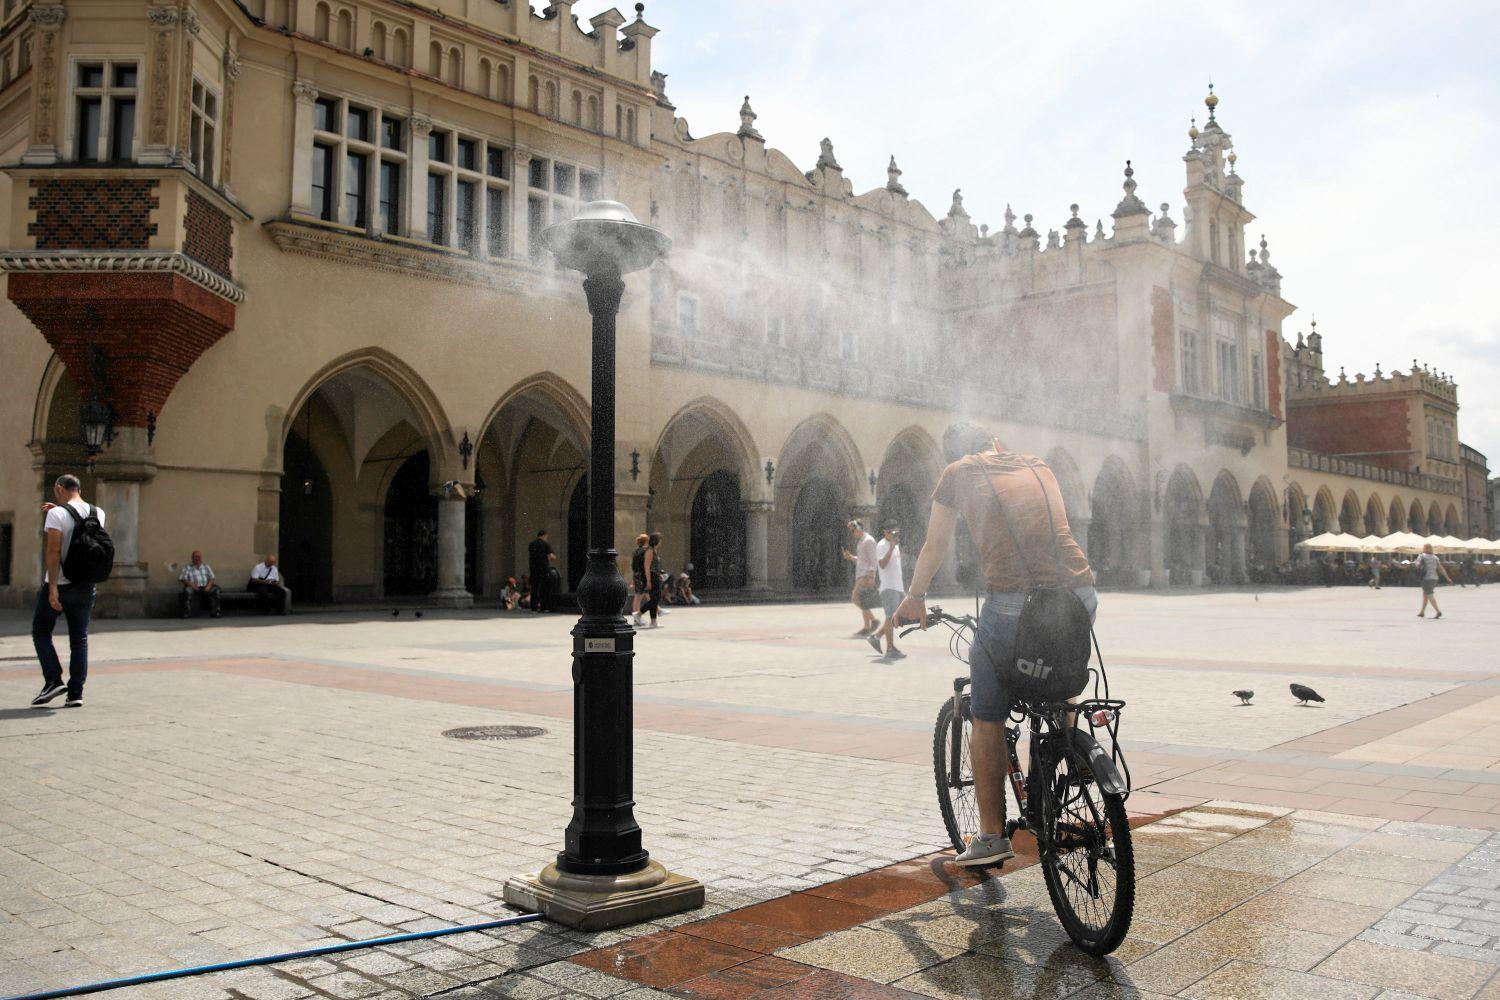 05.06.2019 Krakow , Rynek Glowny . Kurtyna wodna . Fot. Jakub Porzycki / Agencja Gazeta